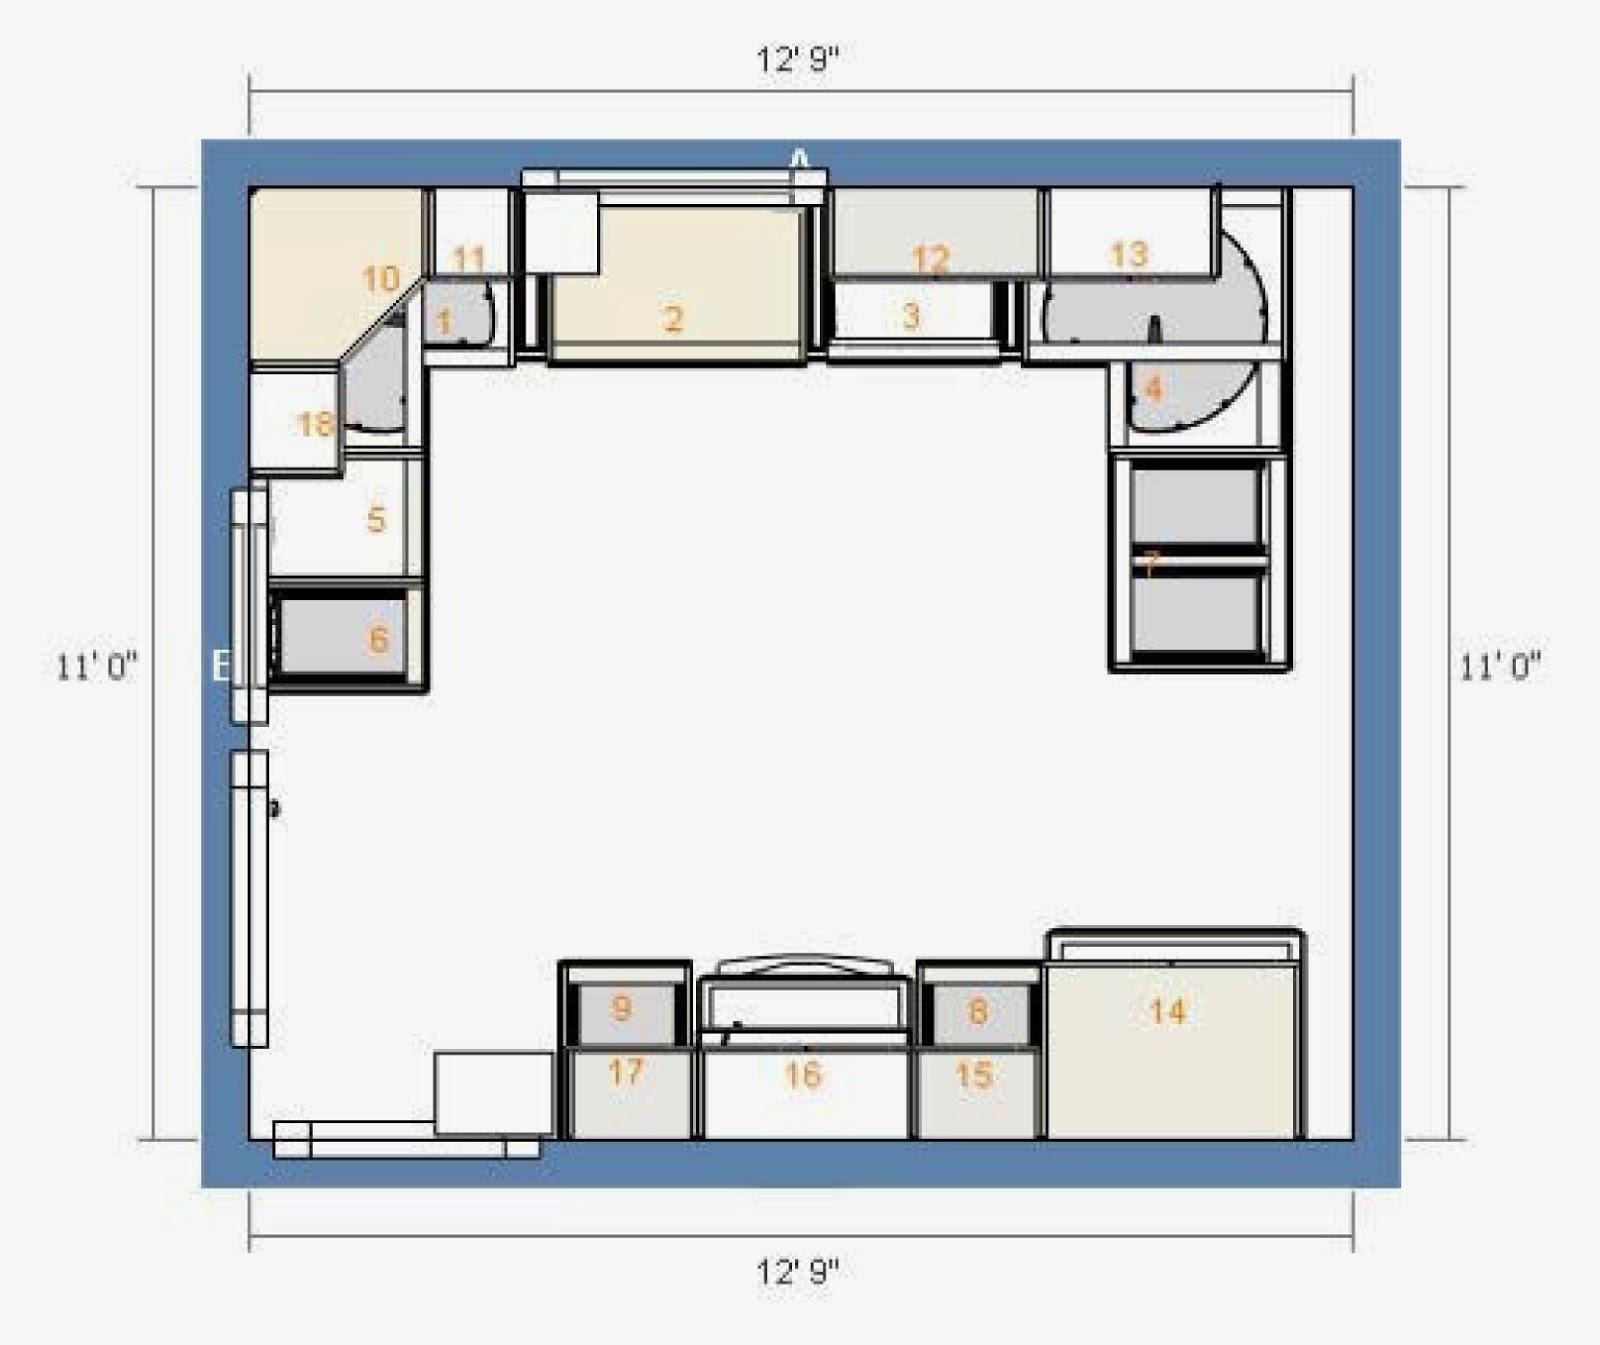 Ikea Kitchen Floor Plans - Flooring Ideas and Inspiration